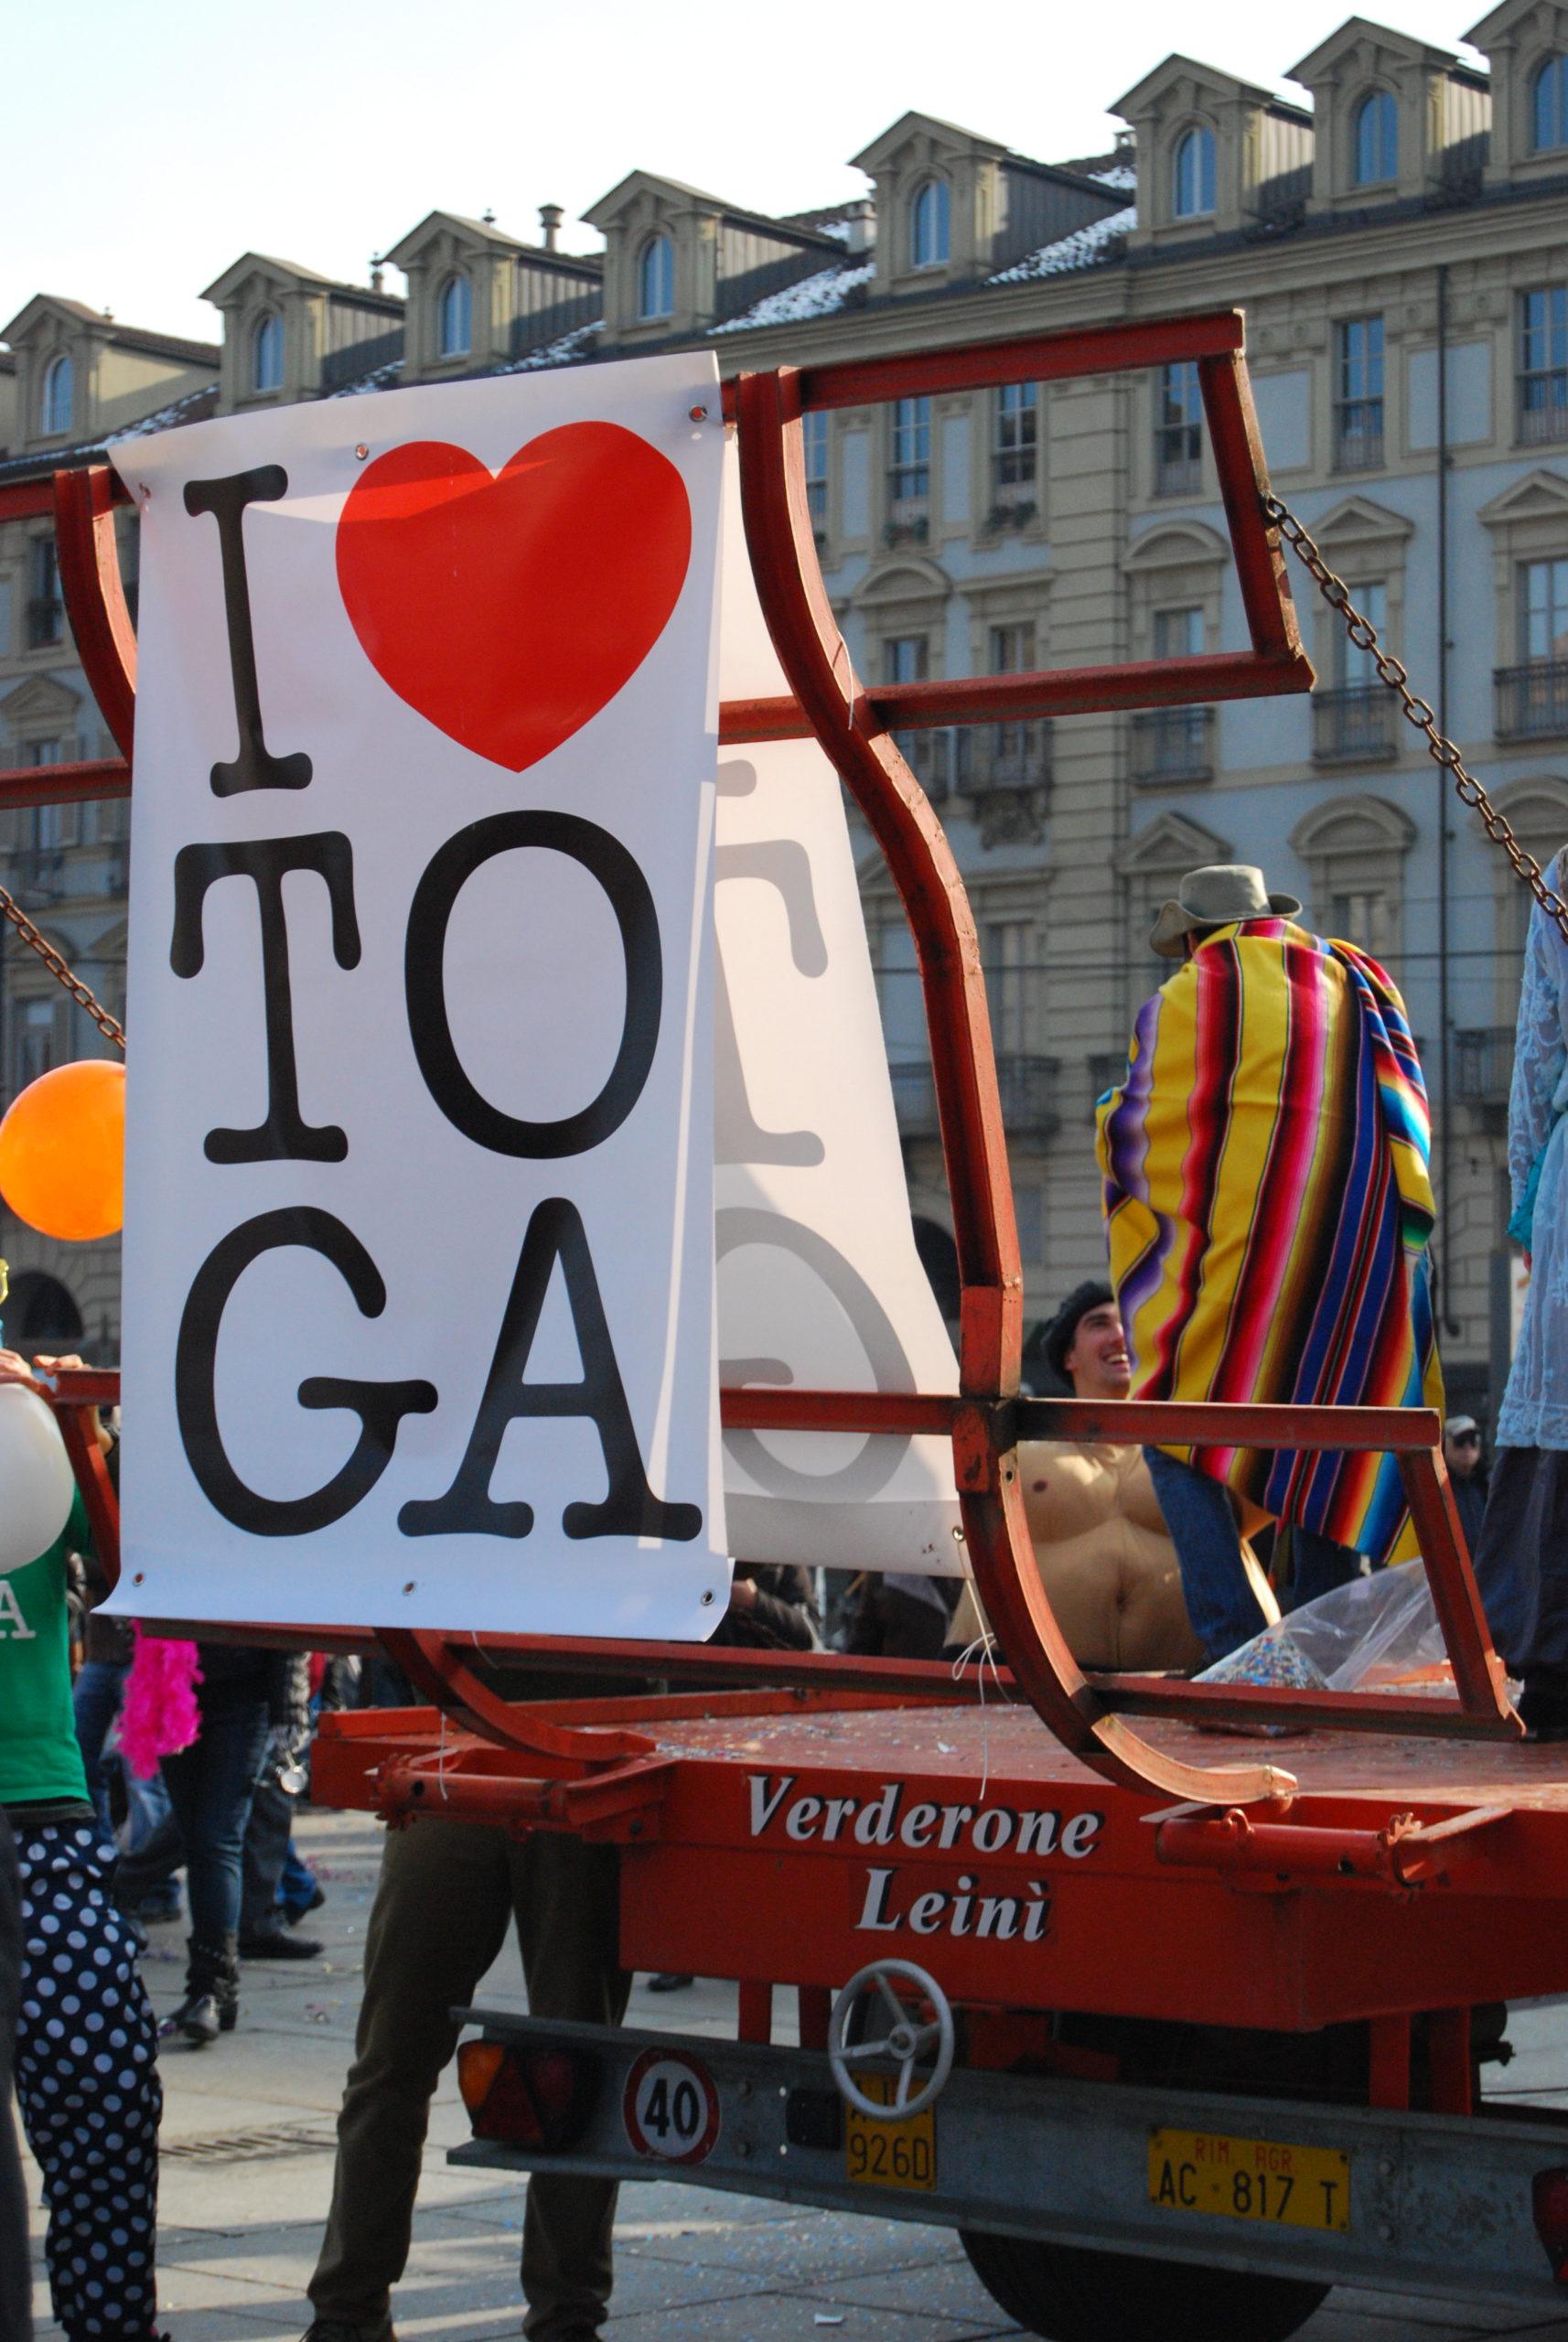 Va bin Parade 2010